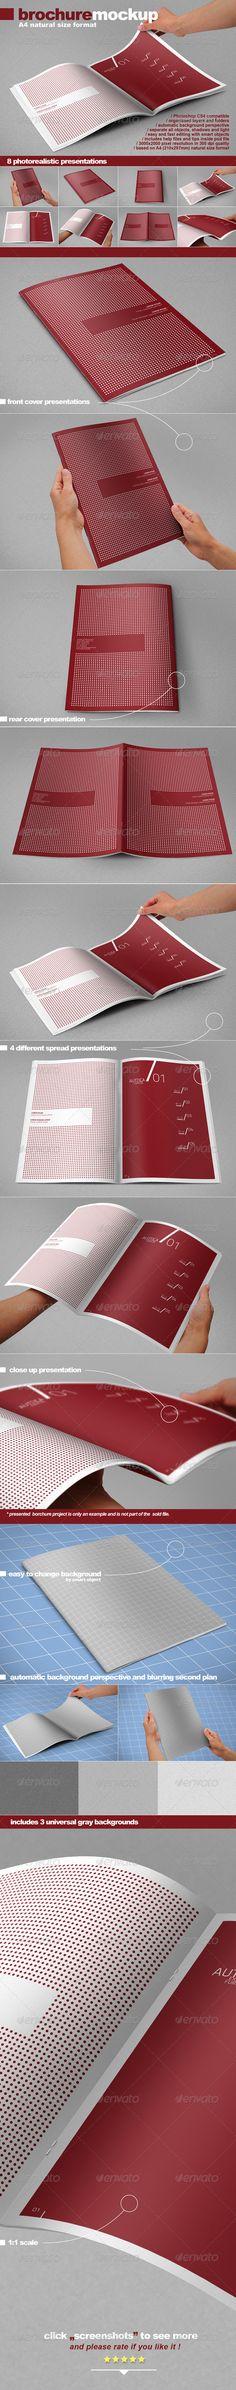 Photorealistic A4 Brochure Mock-up - Brochures Print